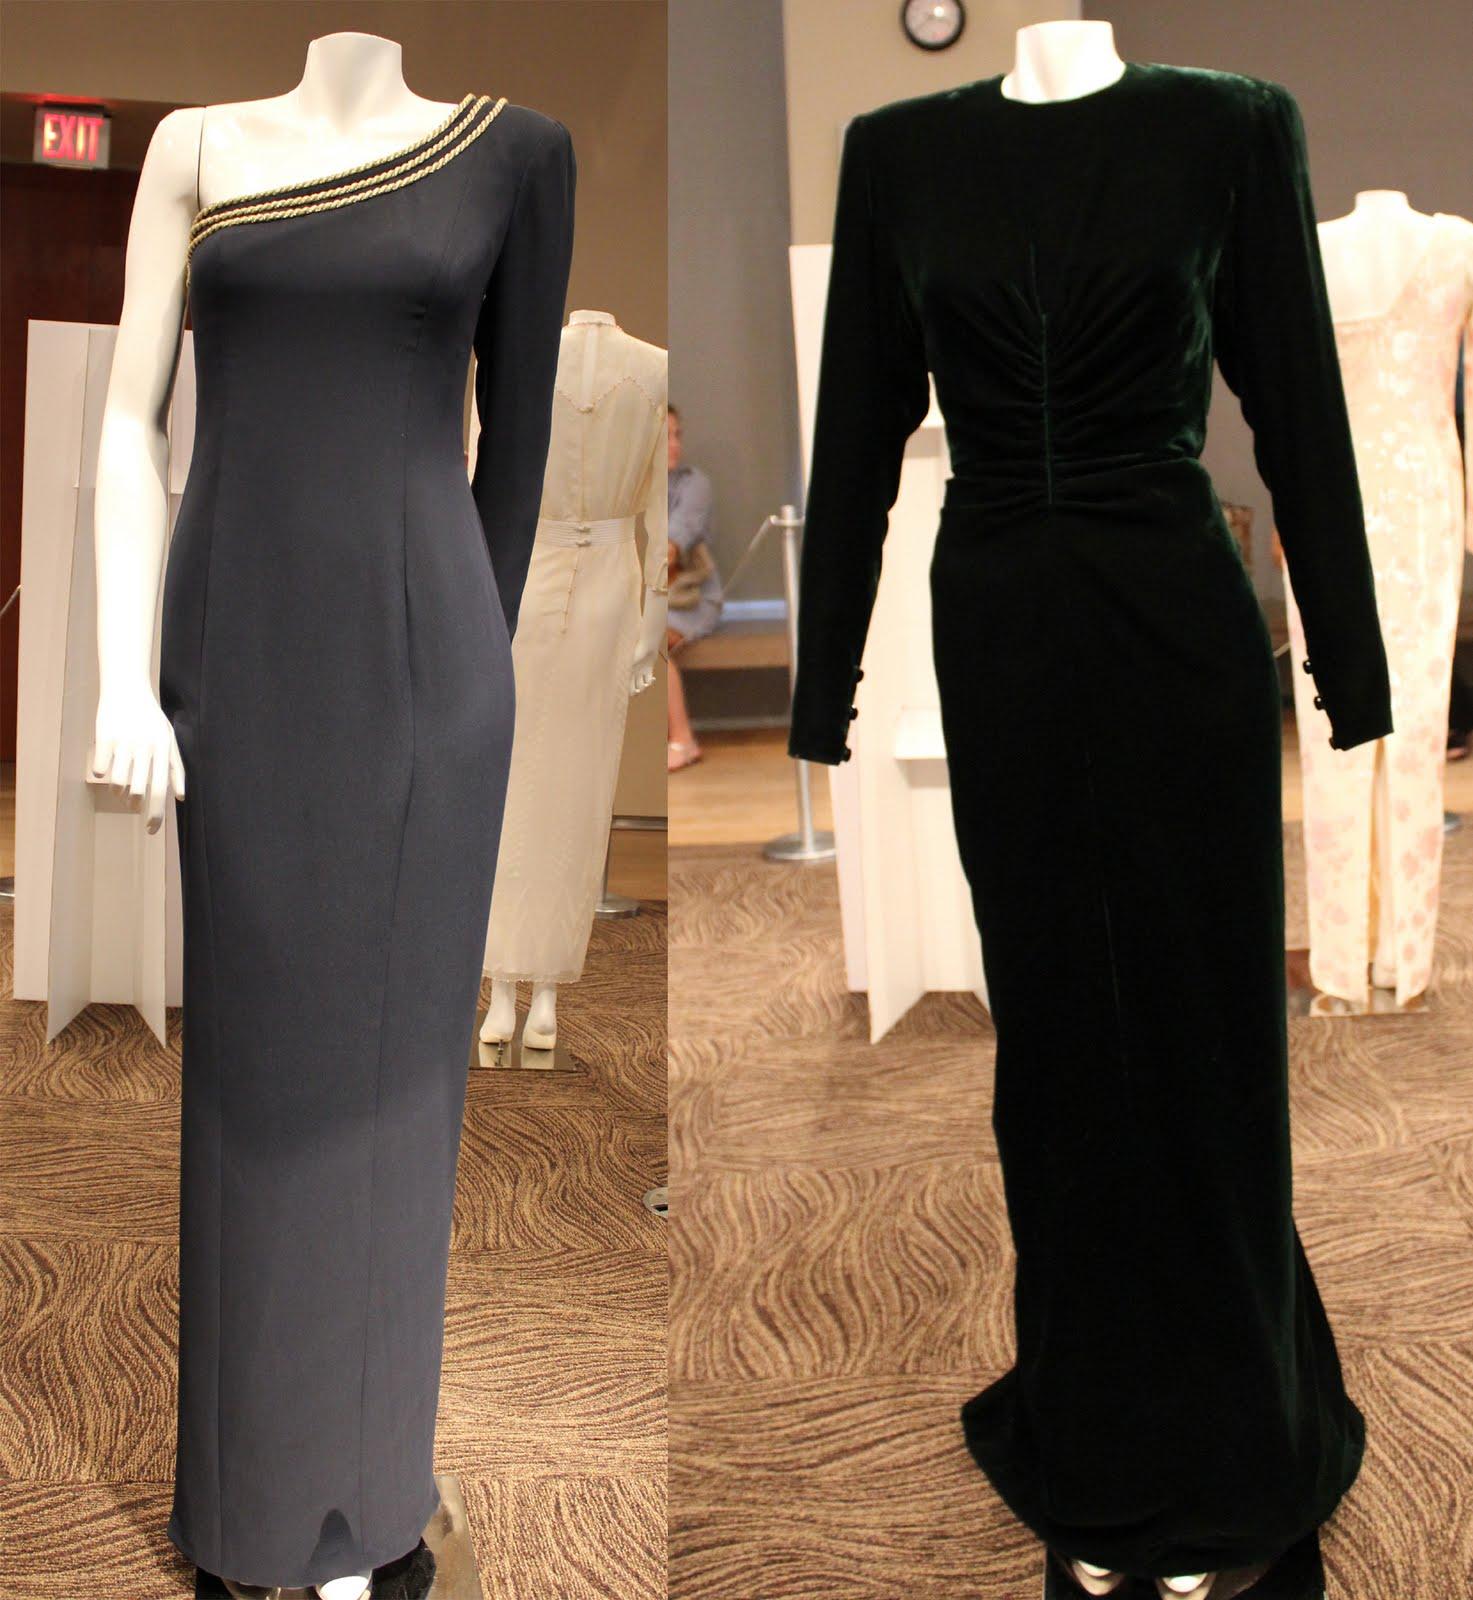 http://2.bp.blogspot.com/-ySj_weTTNsI/Tecxy6nQLrI/AAAAAAAAAJ8/2gkPet9StaU/s1600/princess+diana+dresses.jpg